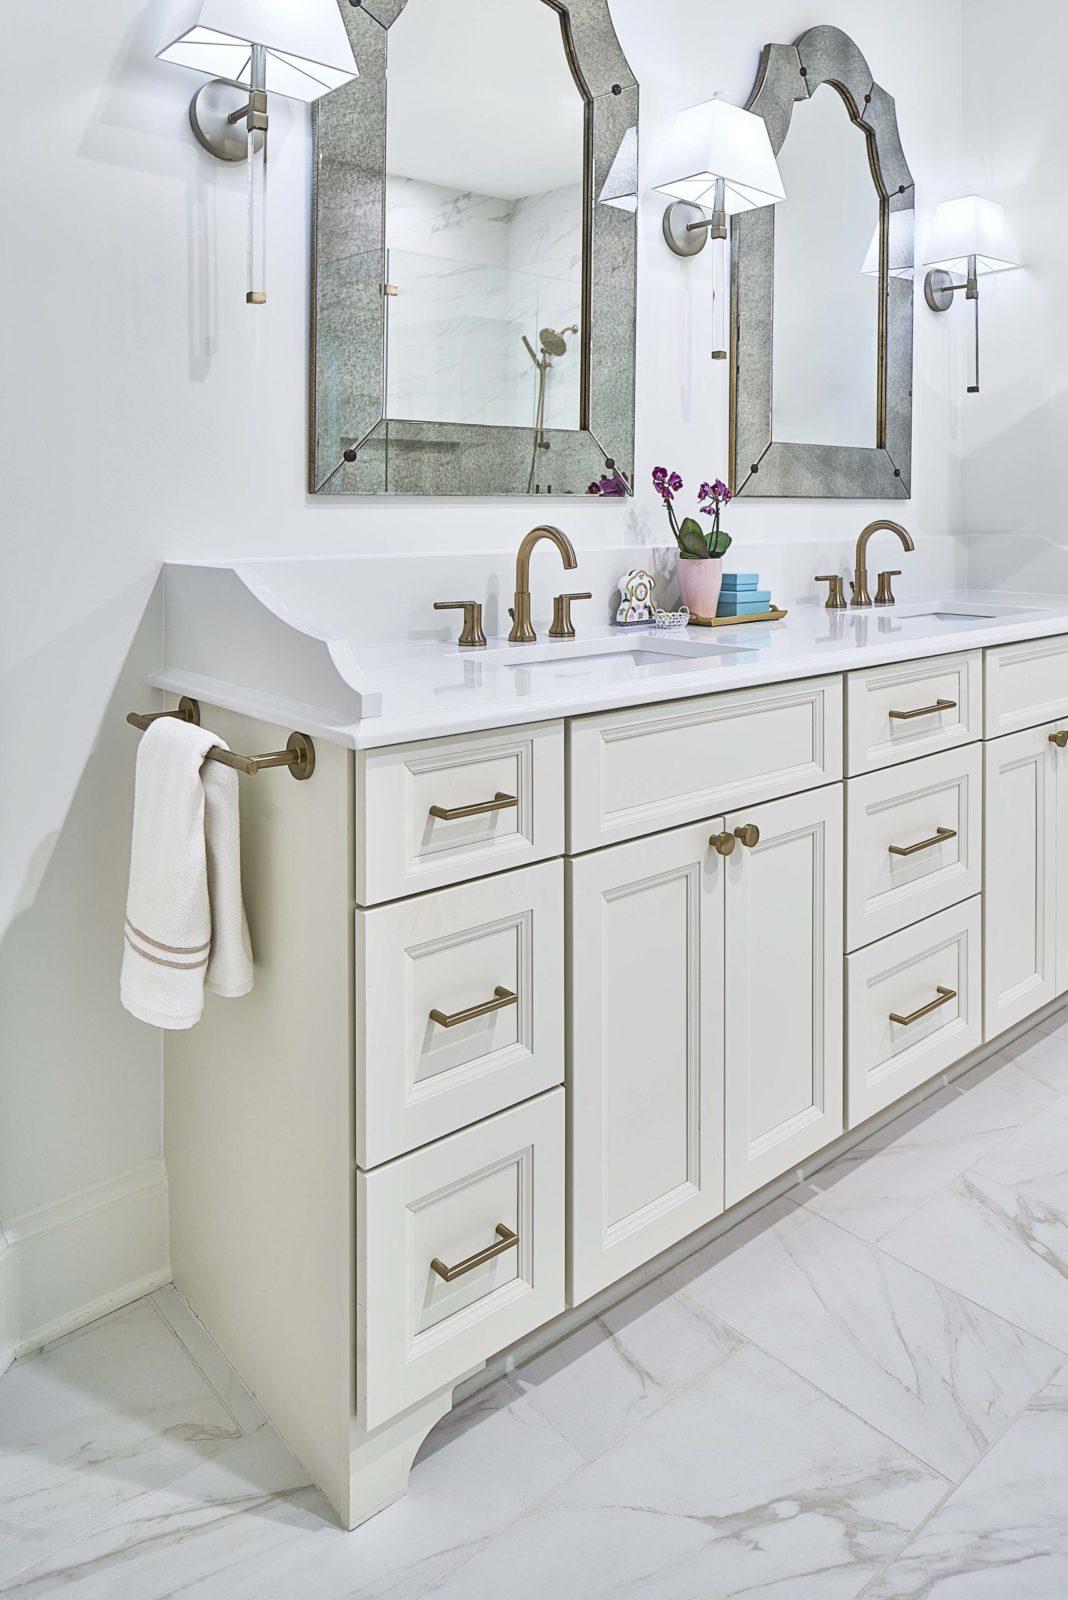 bathroom-remodel-revision-design-traditional-bathroom-ideas